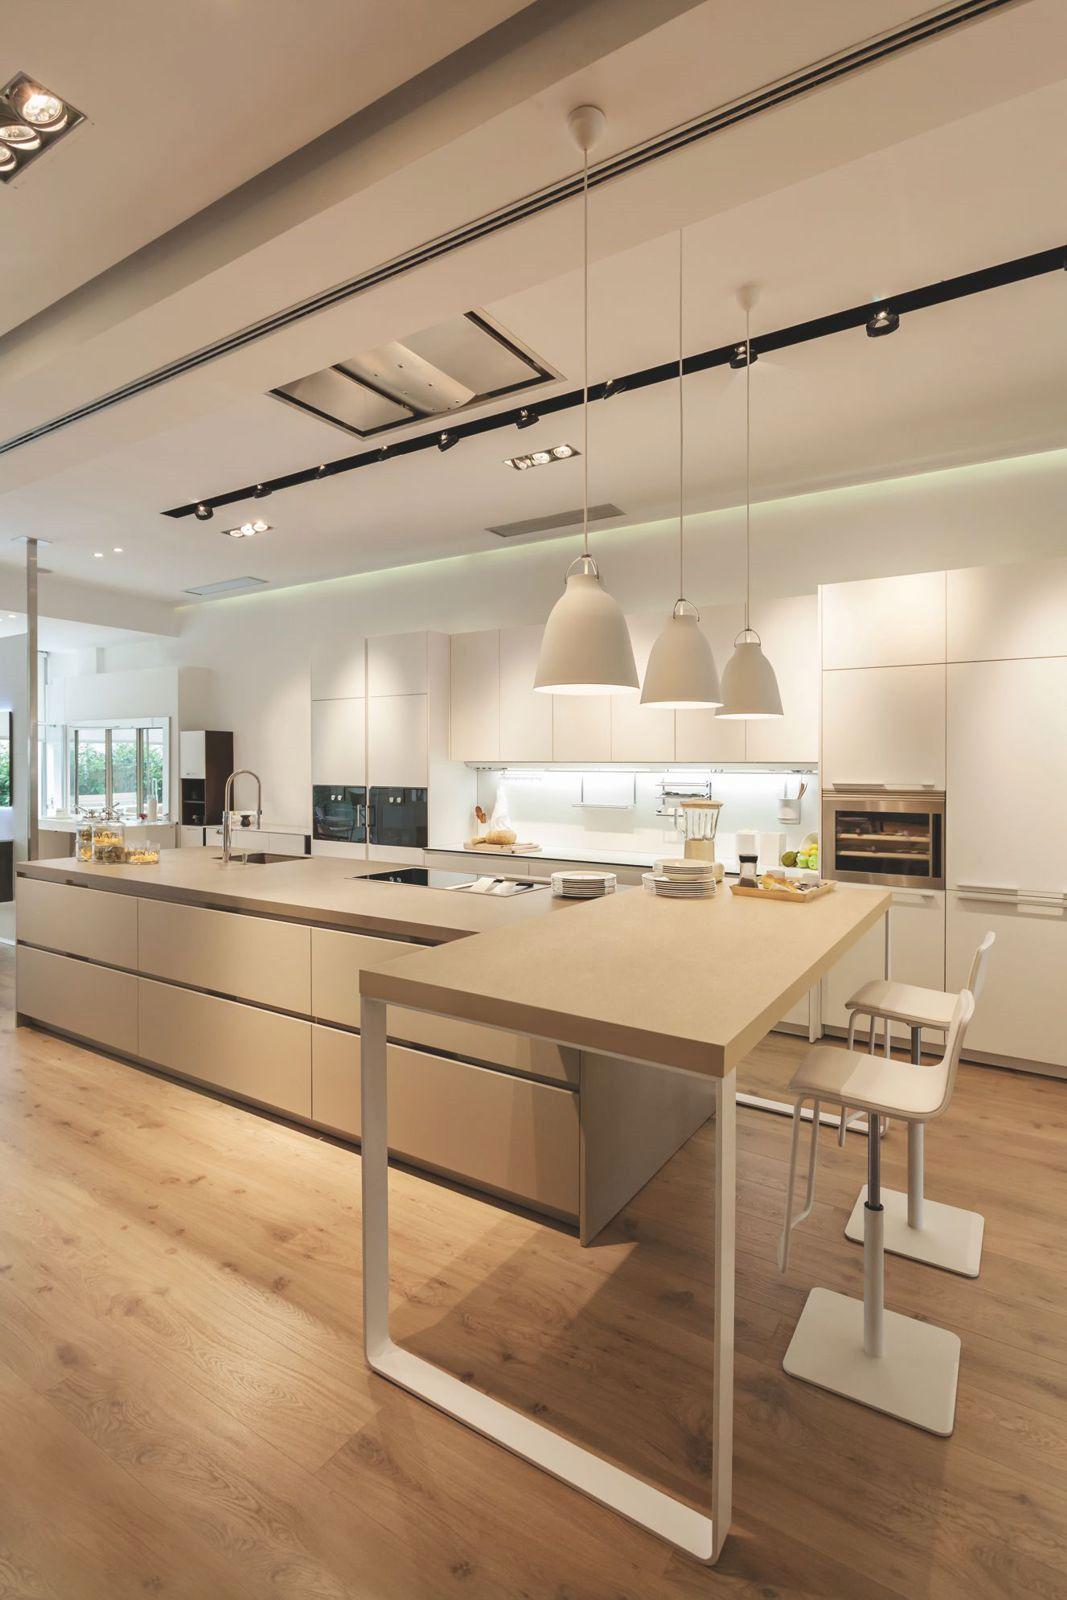 Cocina 55 cocinas capis dise o y fabricaci n de cocinas for Configurador cocinas